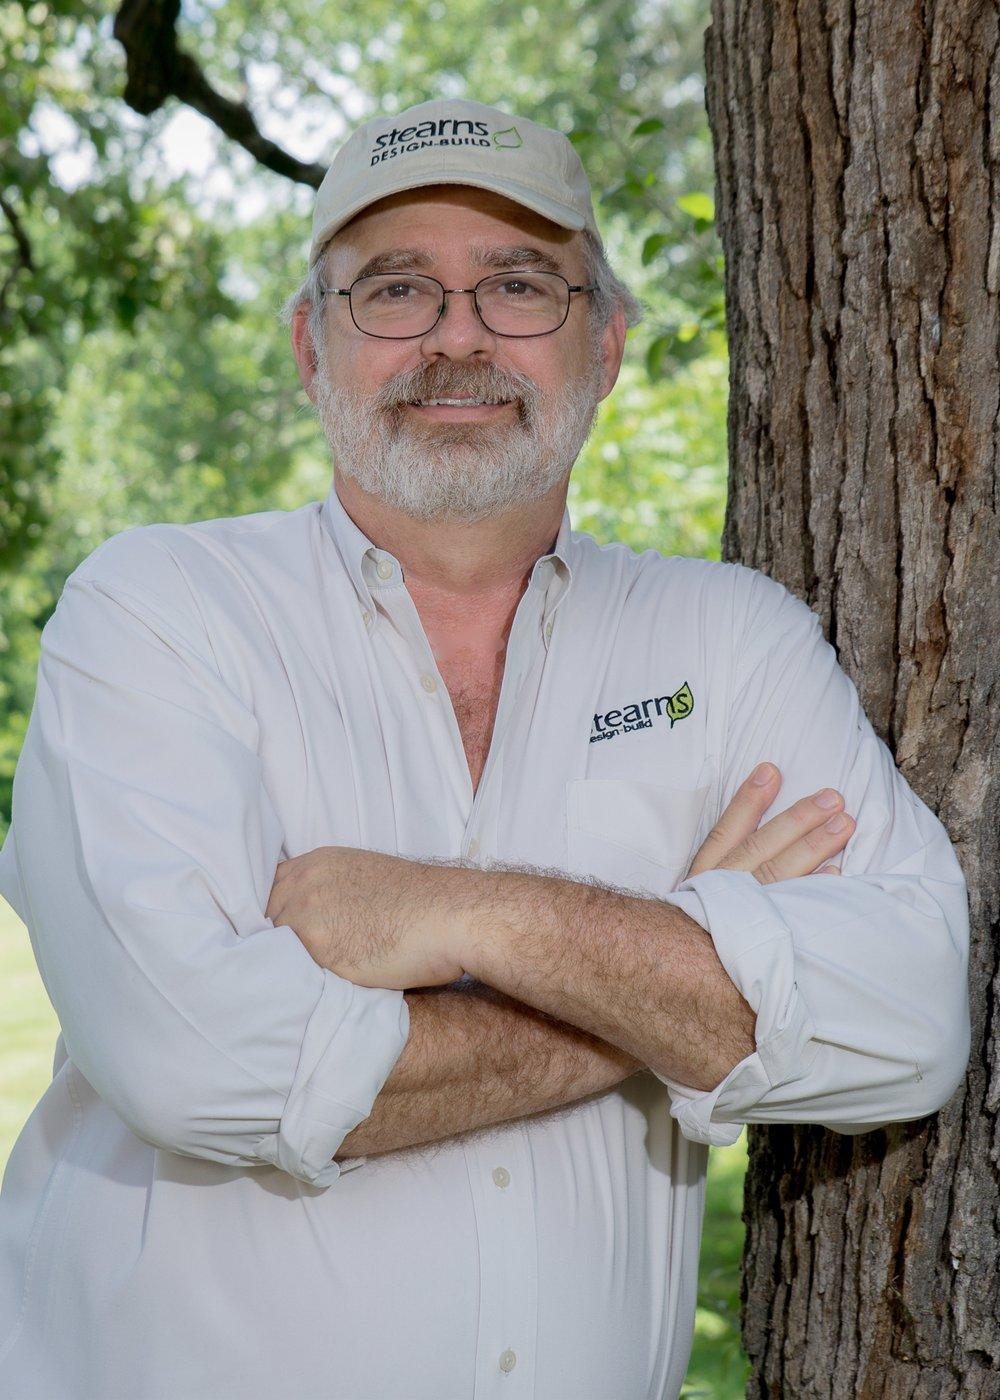 Hugh Stearns